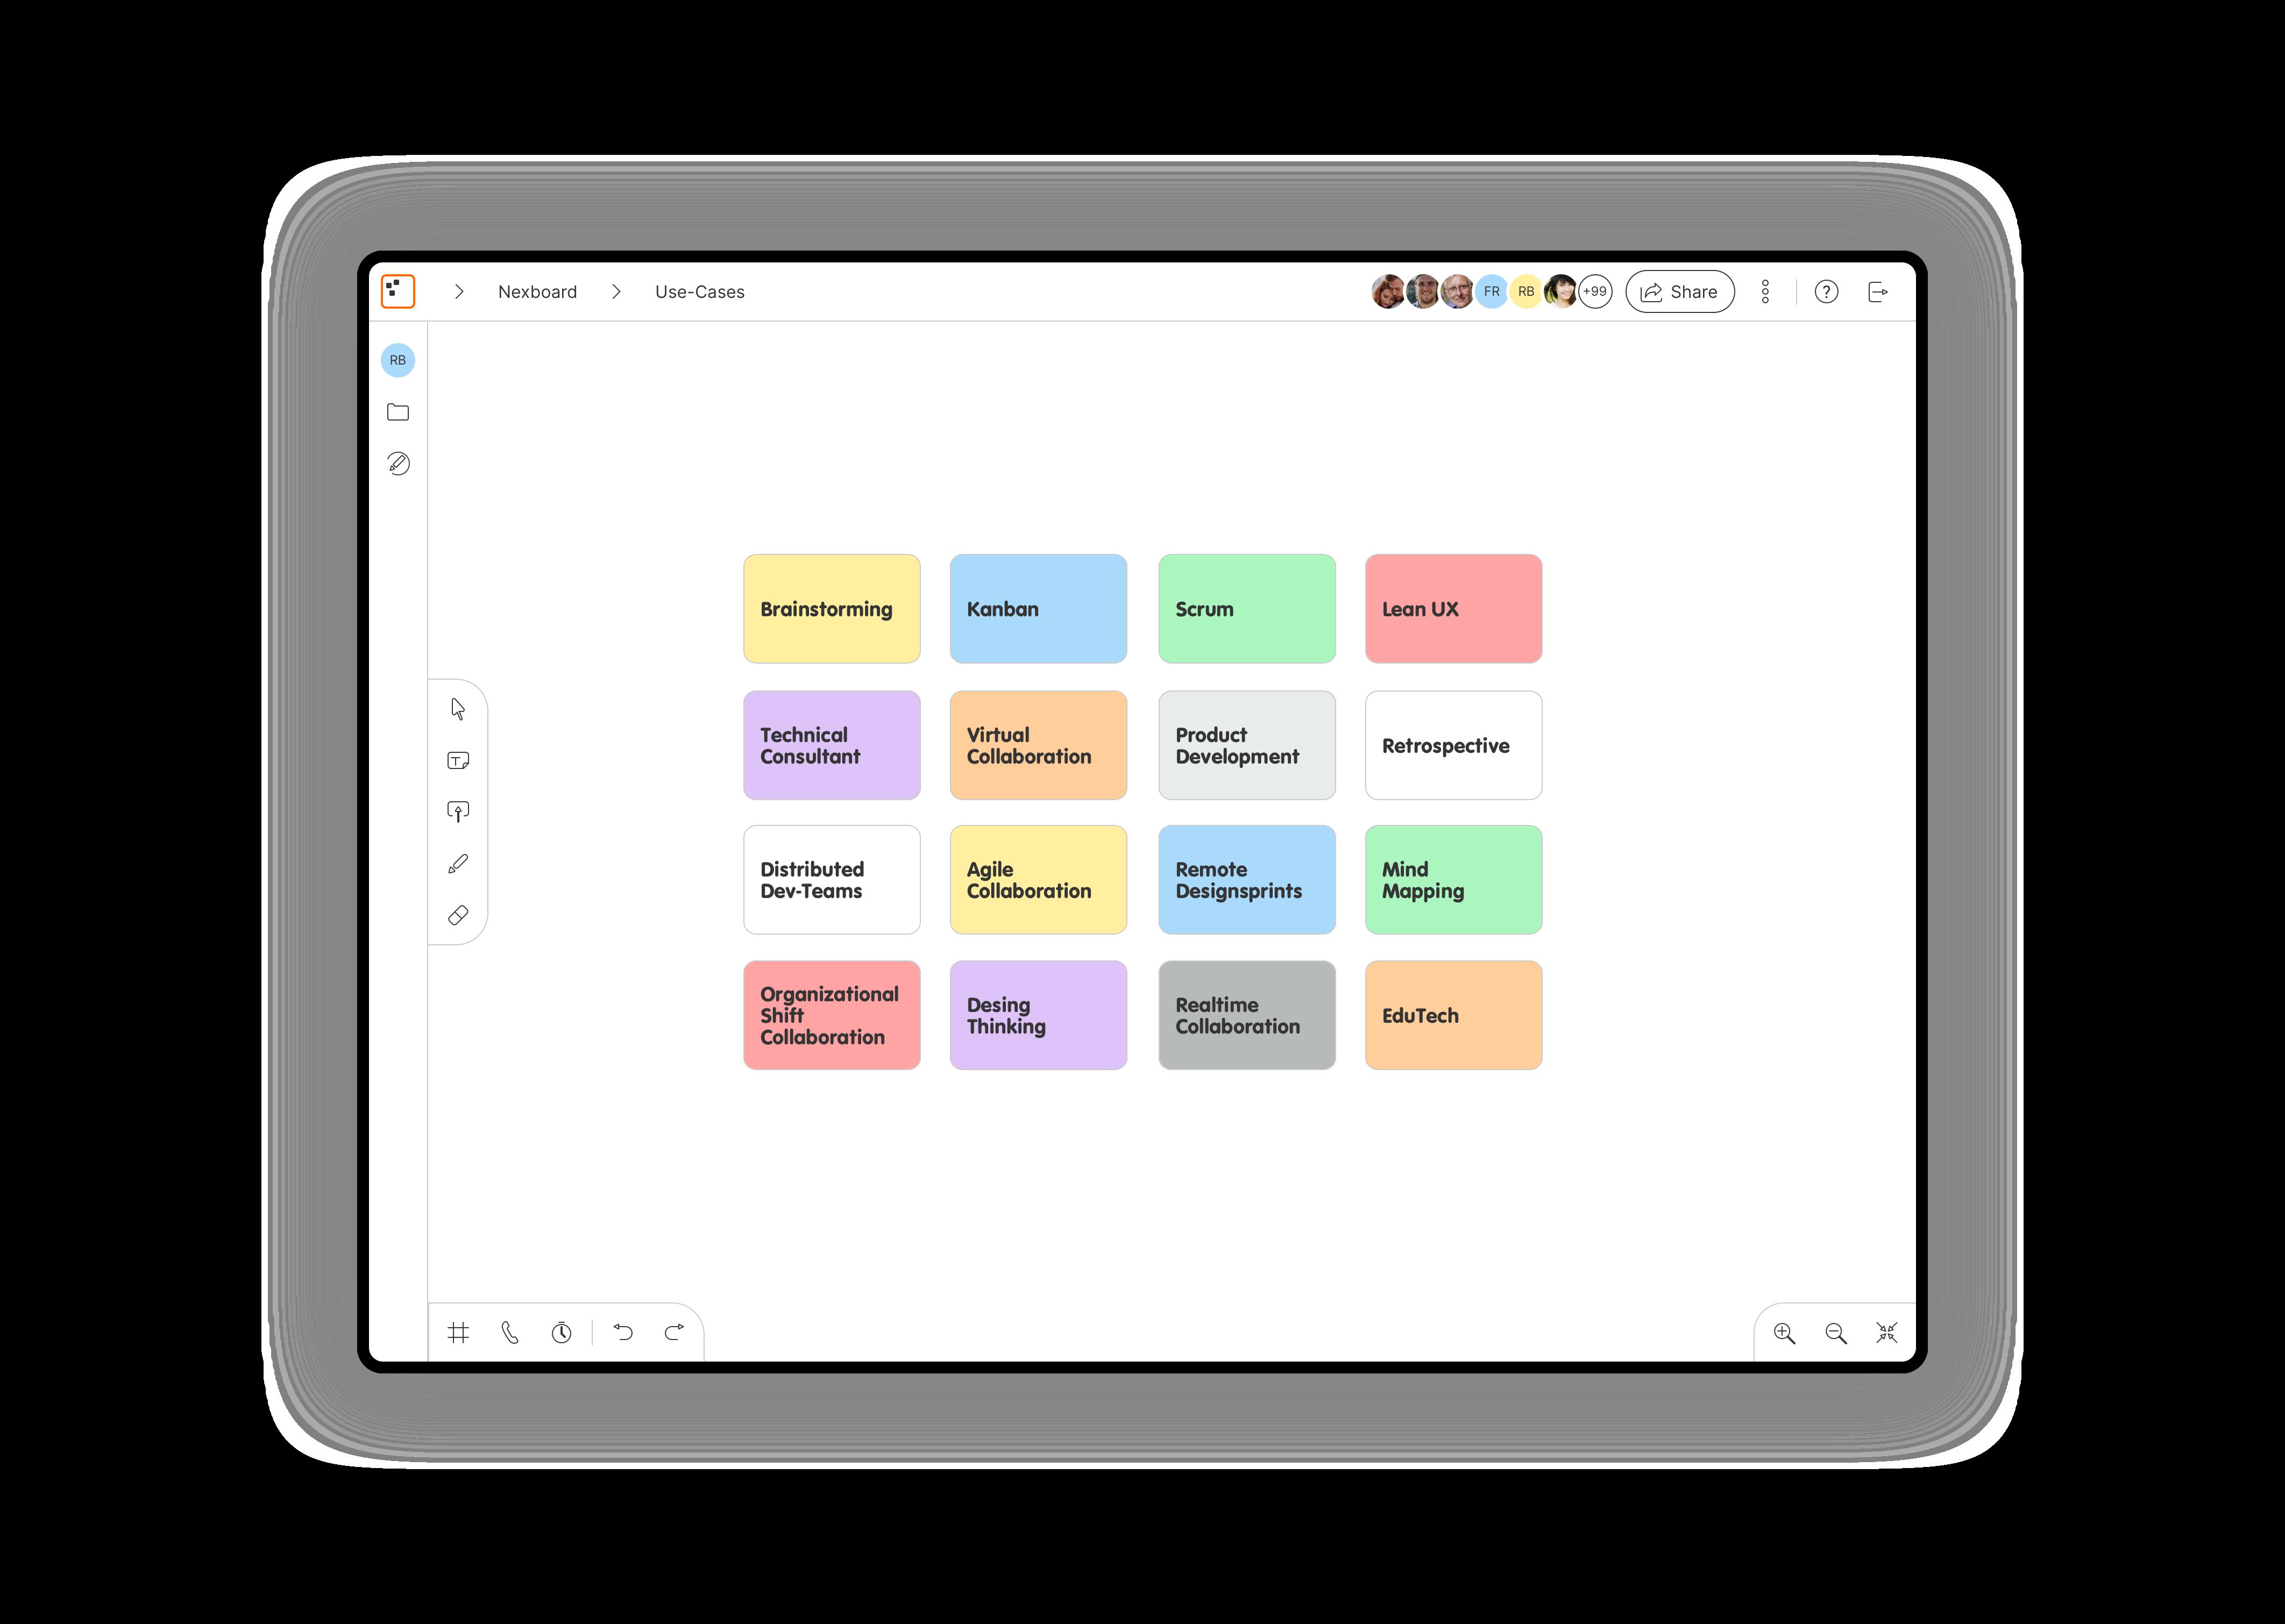 Mit Machine Learning Technologie wird eine analoge Haftnotiz erkannt, dies wird per OpenCSV und Python ML Bibliotheken umgesetzt.